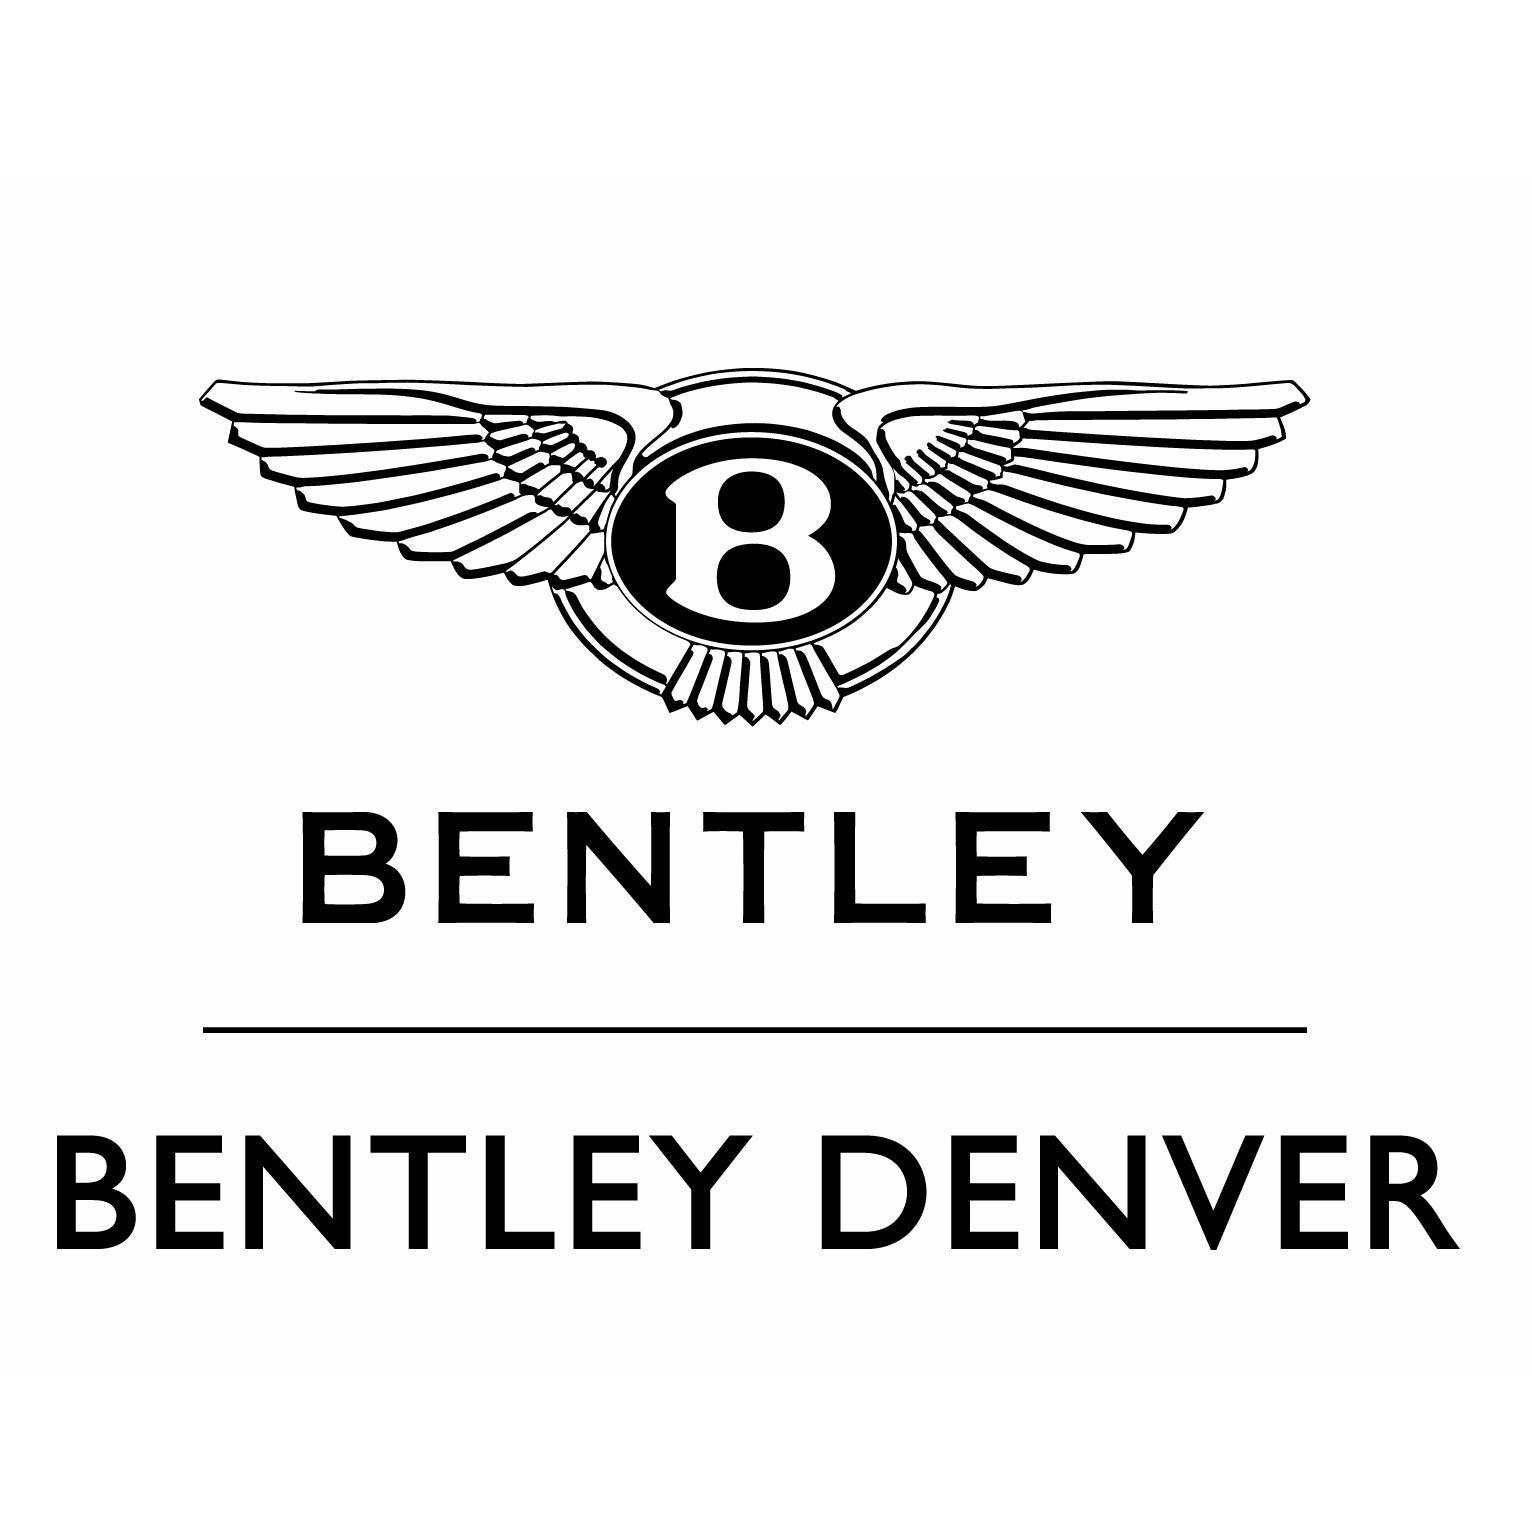 Bentley Denver